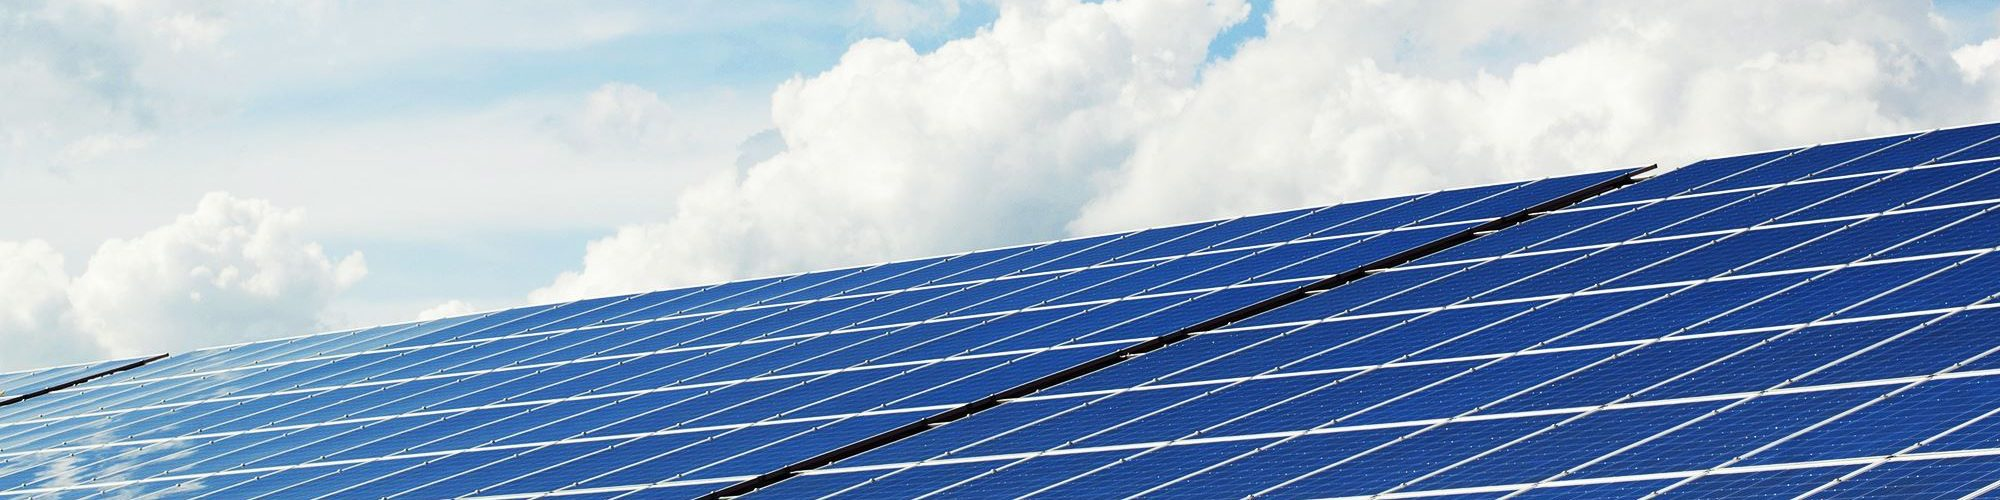 testata-fotovoltaico-obaapcf9k2p6euznaezf419wrk106z90yfvzhan894 Fotovoltaico Prodotti